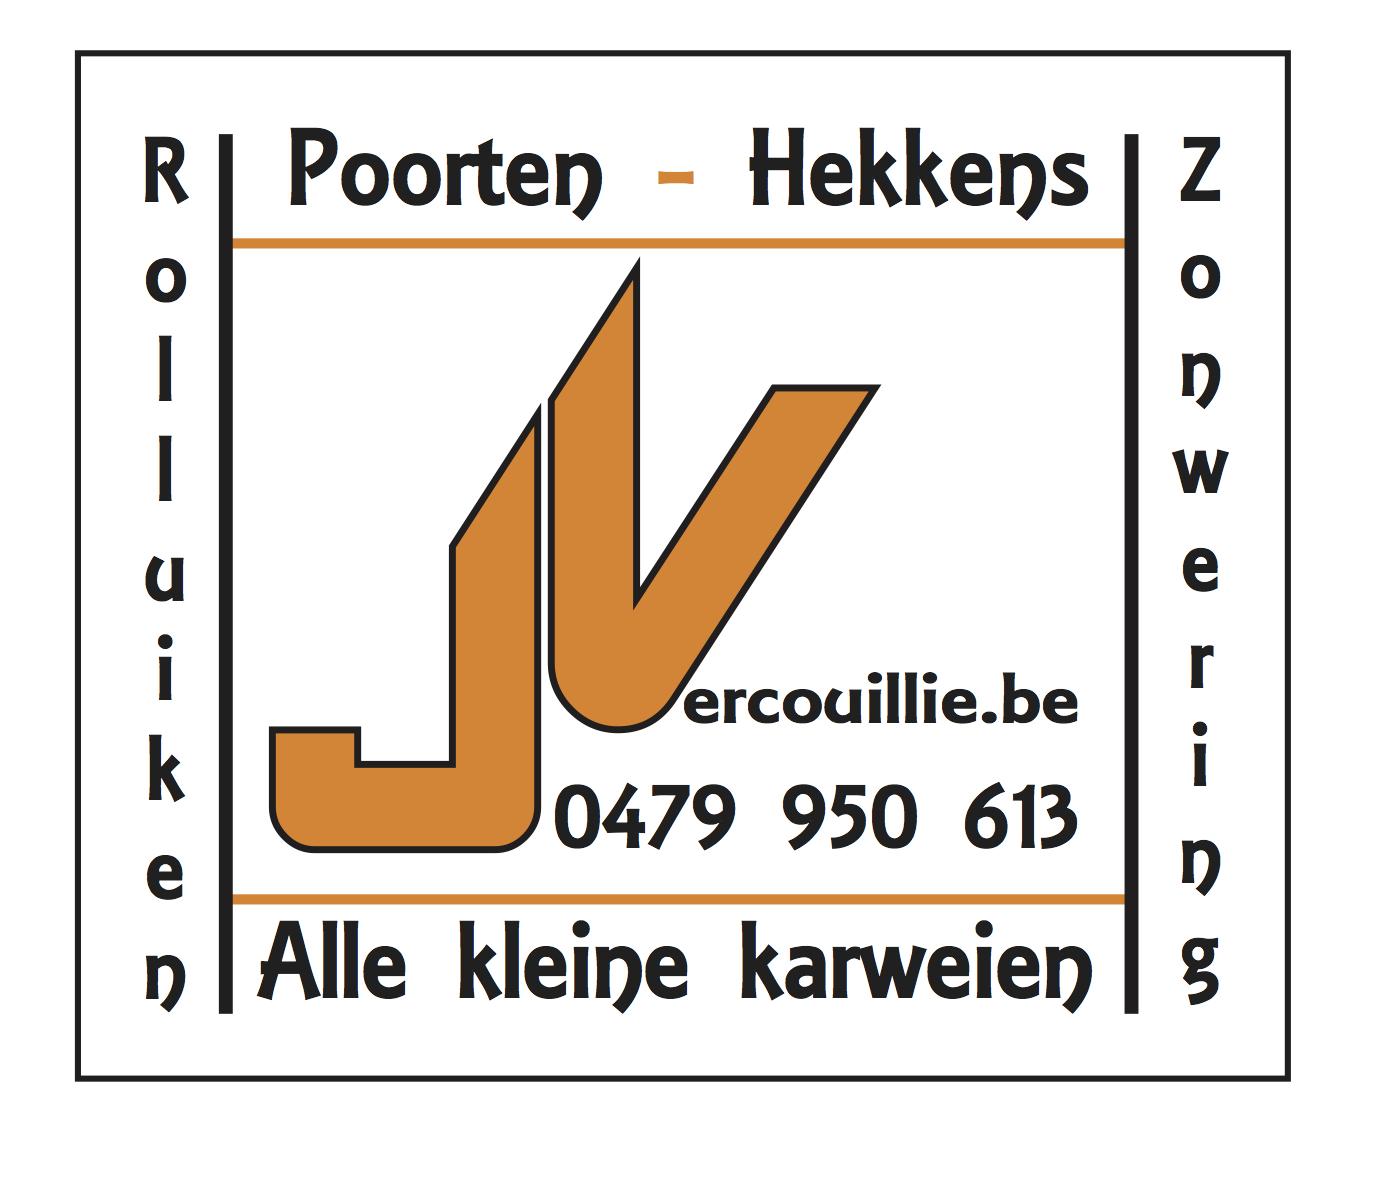 http://www.handbal.gent/sponsor-van-de-maand/